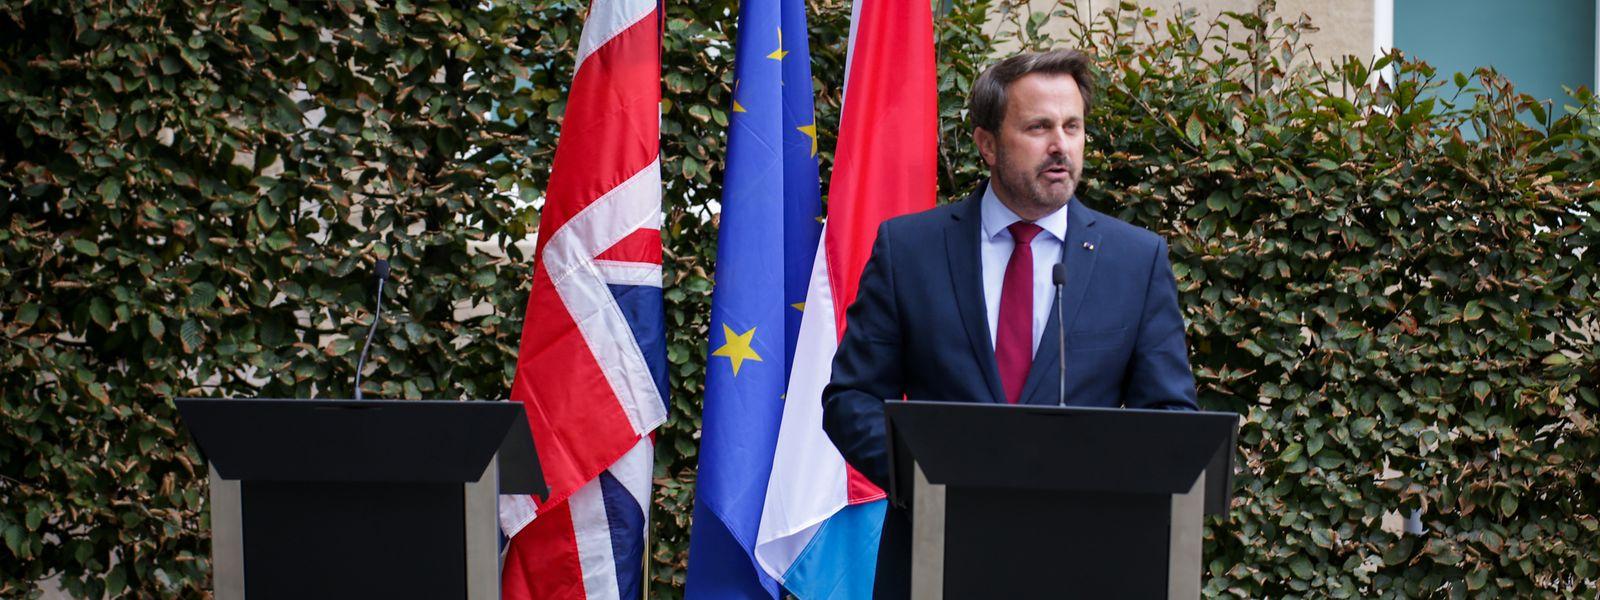 Johnson hat seine kurzfristige Absage einer gemeinsamen Pressekonferenz mit Xavier Bettel mit Protestlärm begründet.